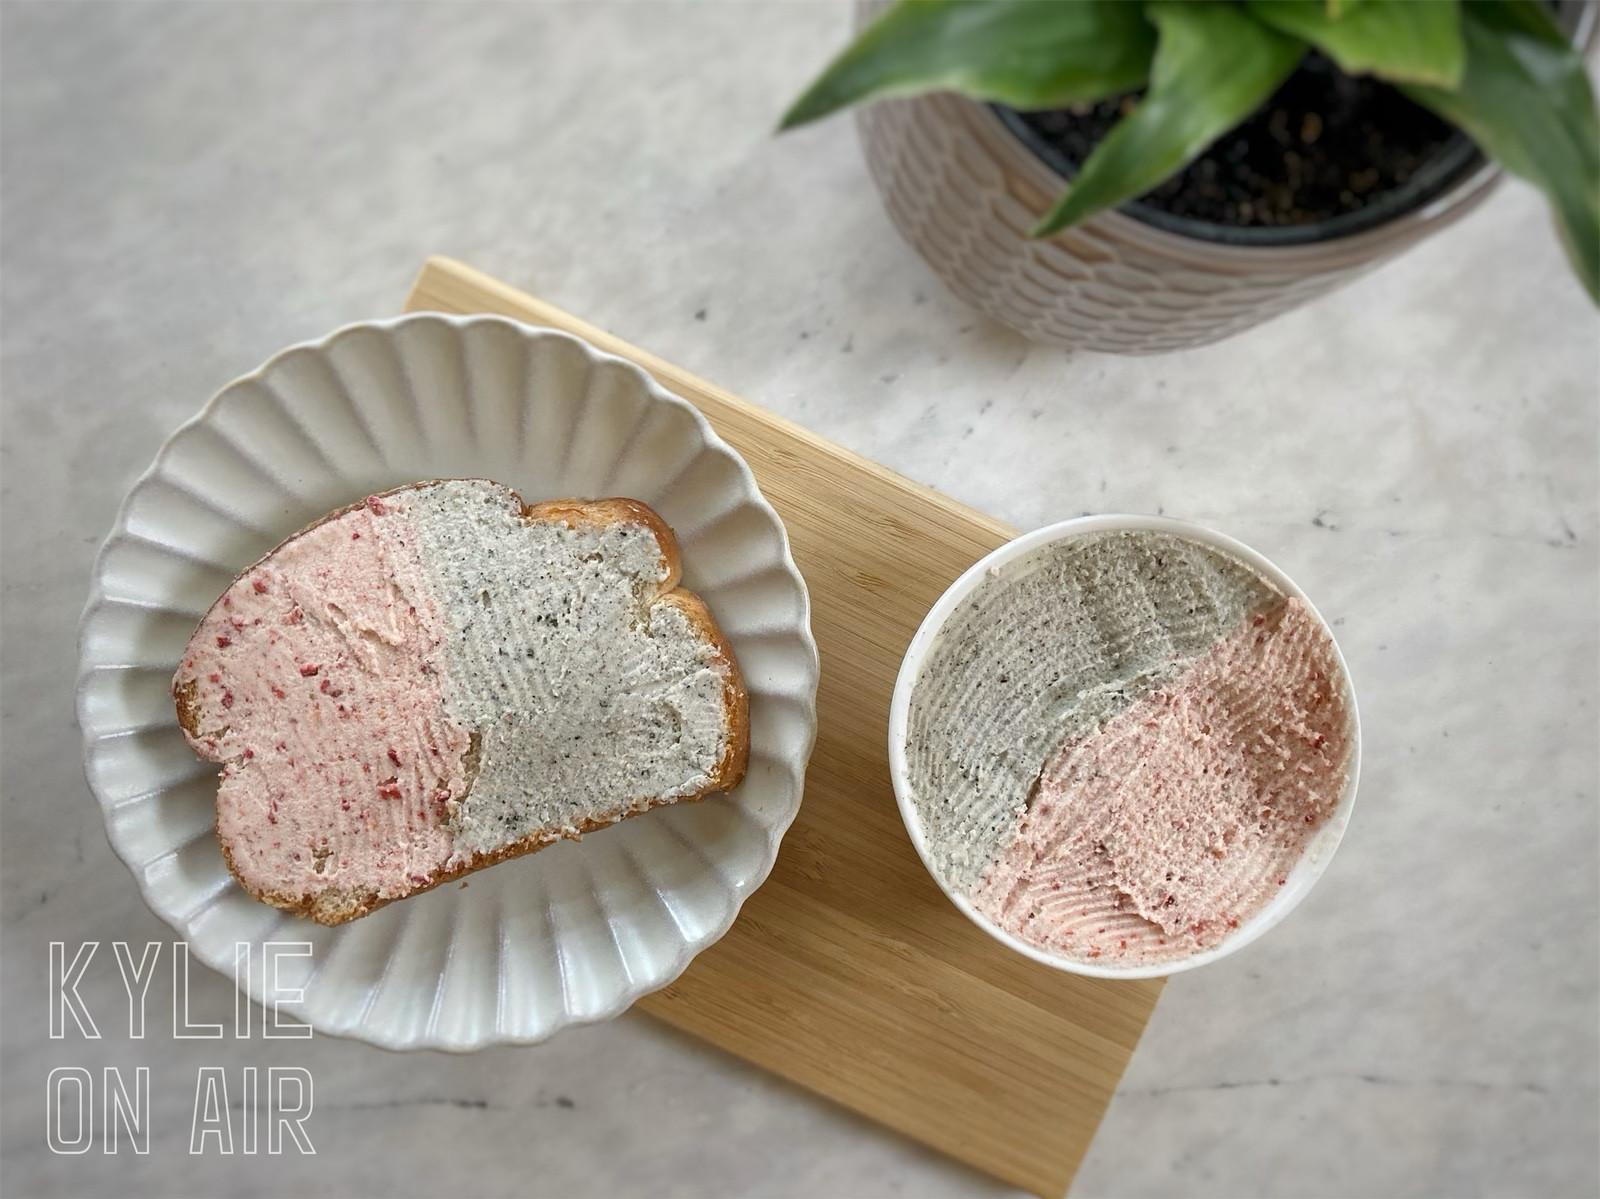 自製草莓奶酥 芝麻奶酥抹醬